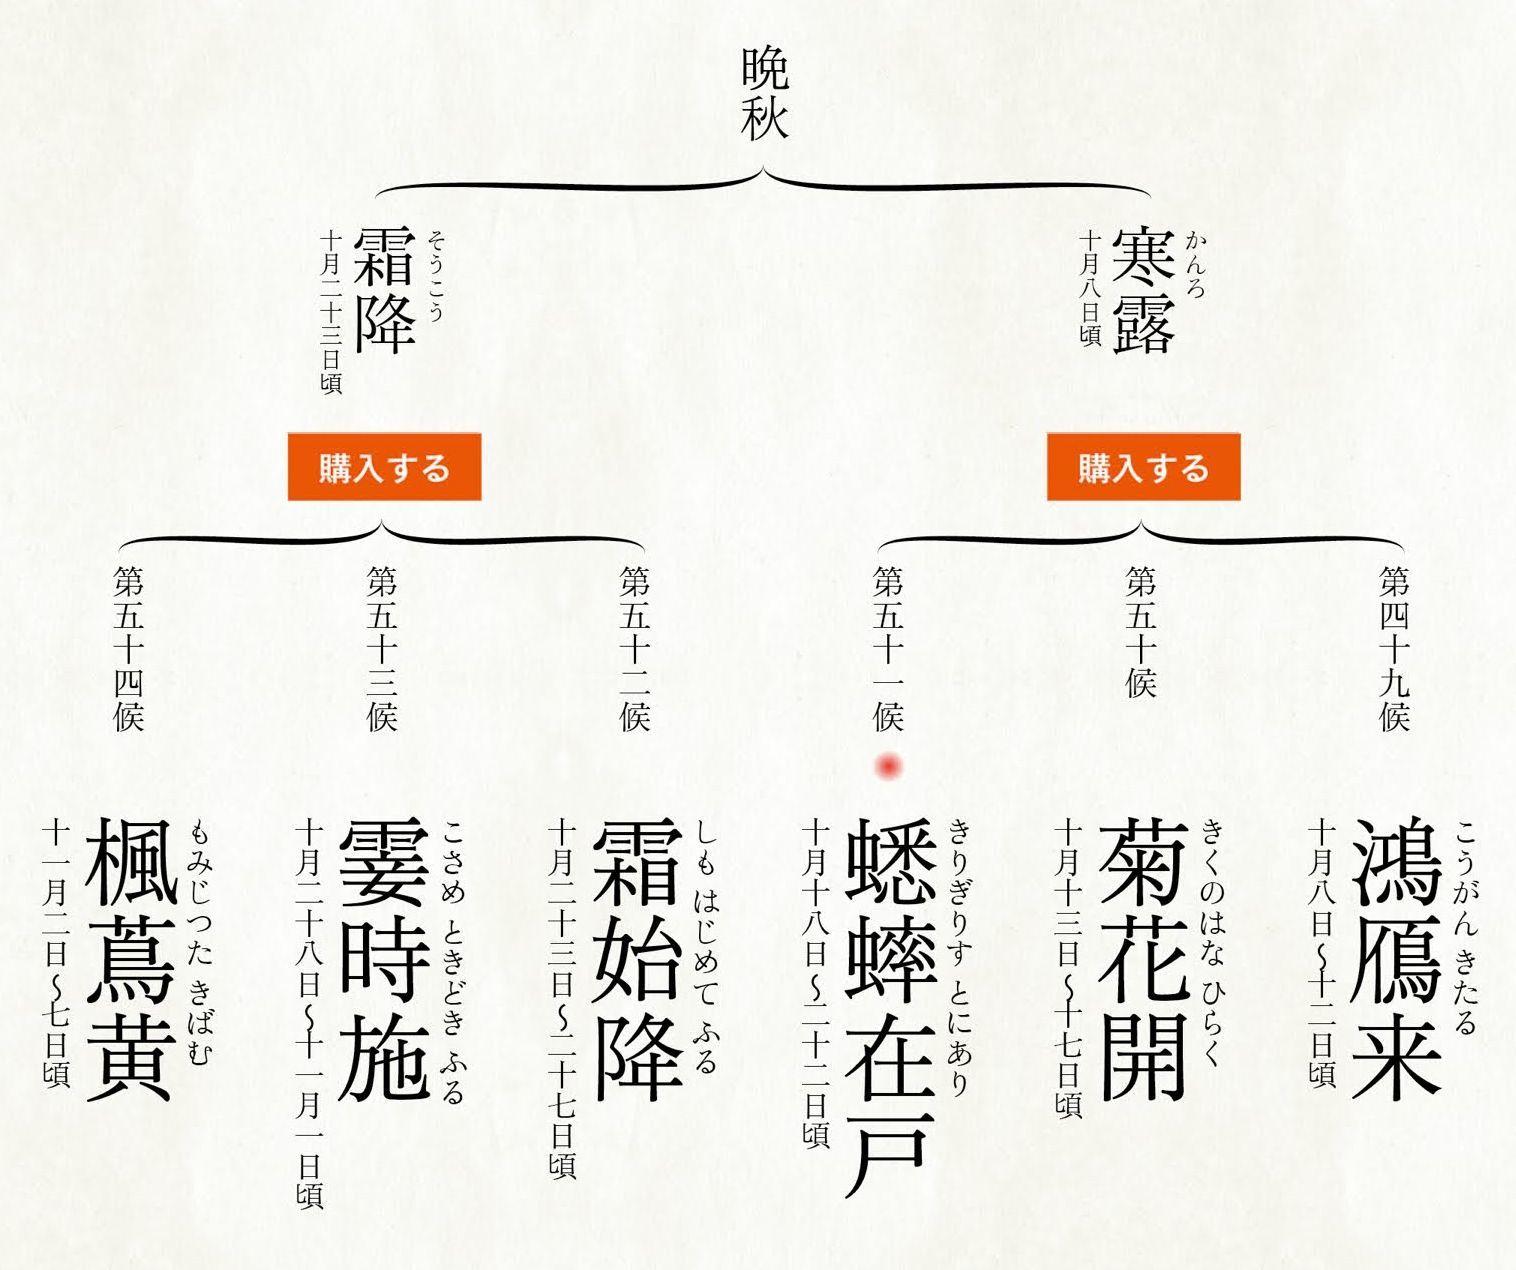 ユキムシの季節_c0025115_21424056.jpg